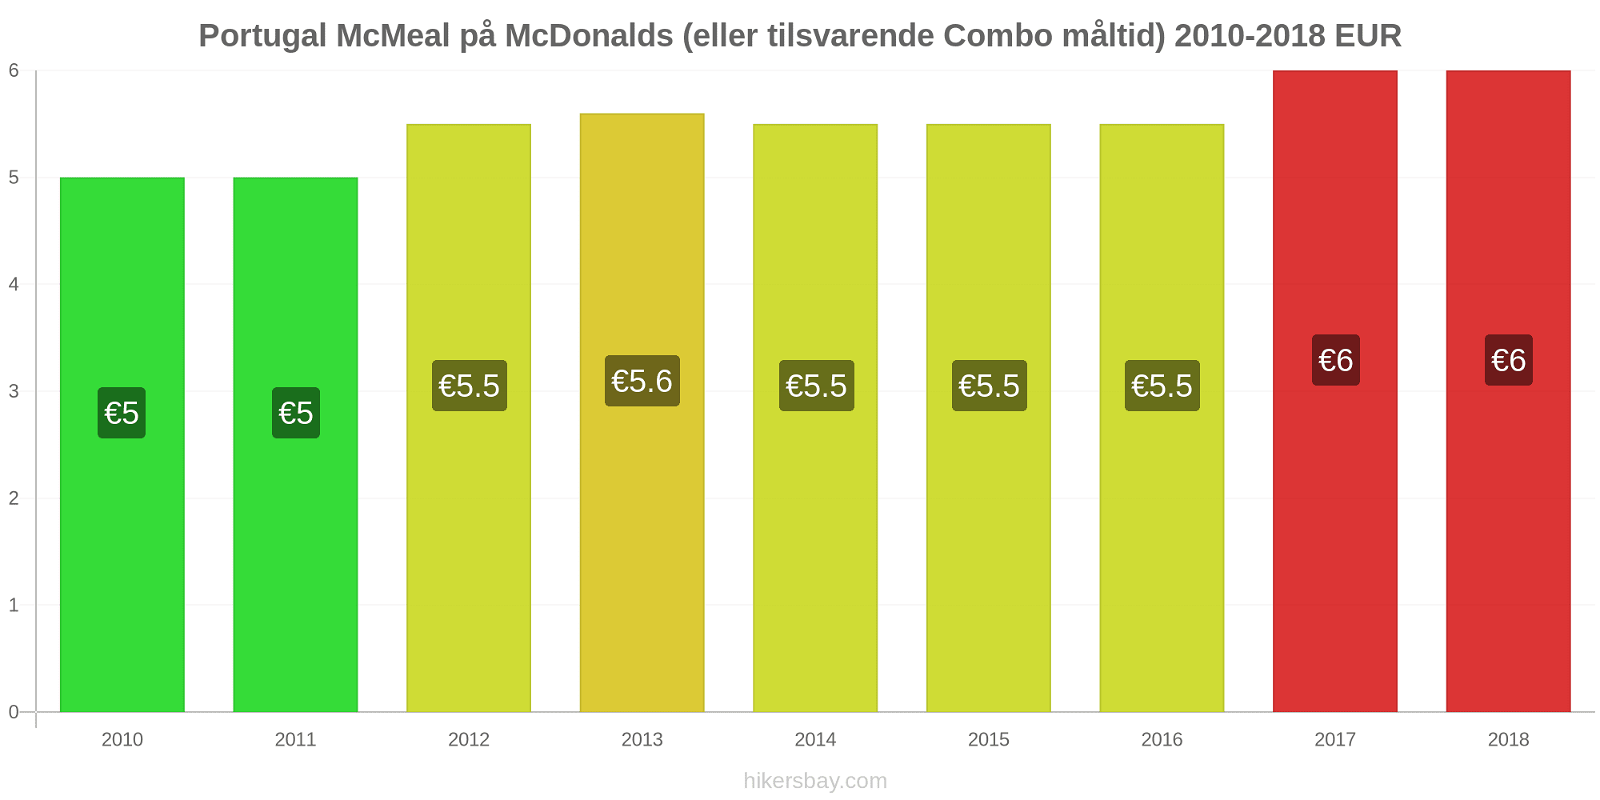 Portugal prisendringer McMeal på McDonalds (eller tilsvarende Combo måltid) hikersbay.com